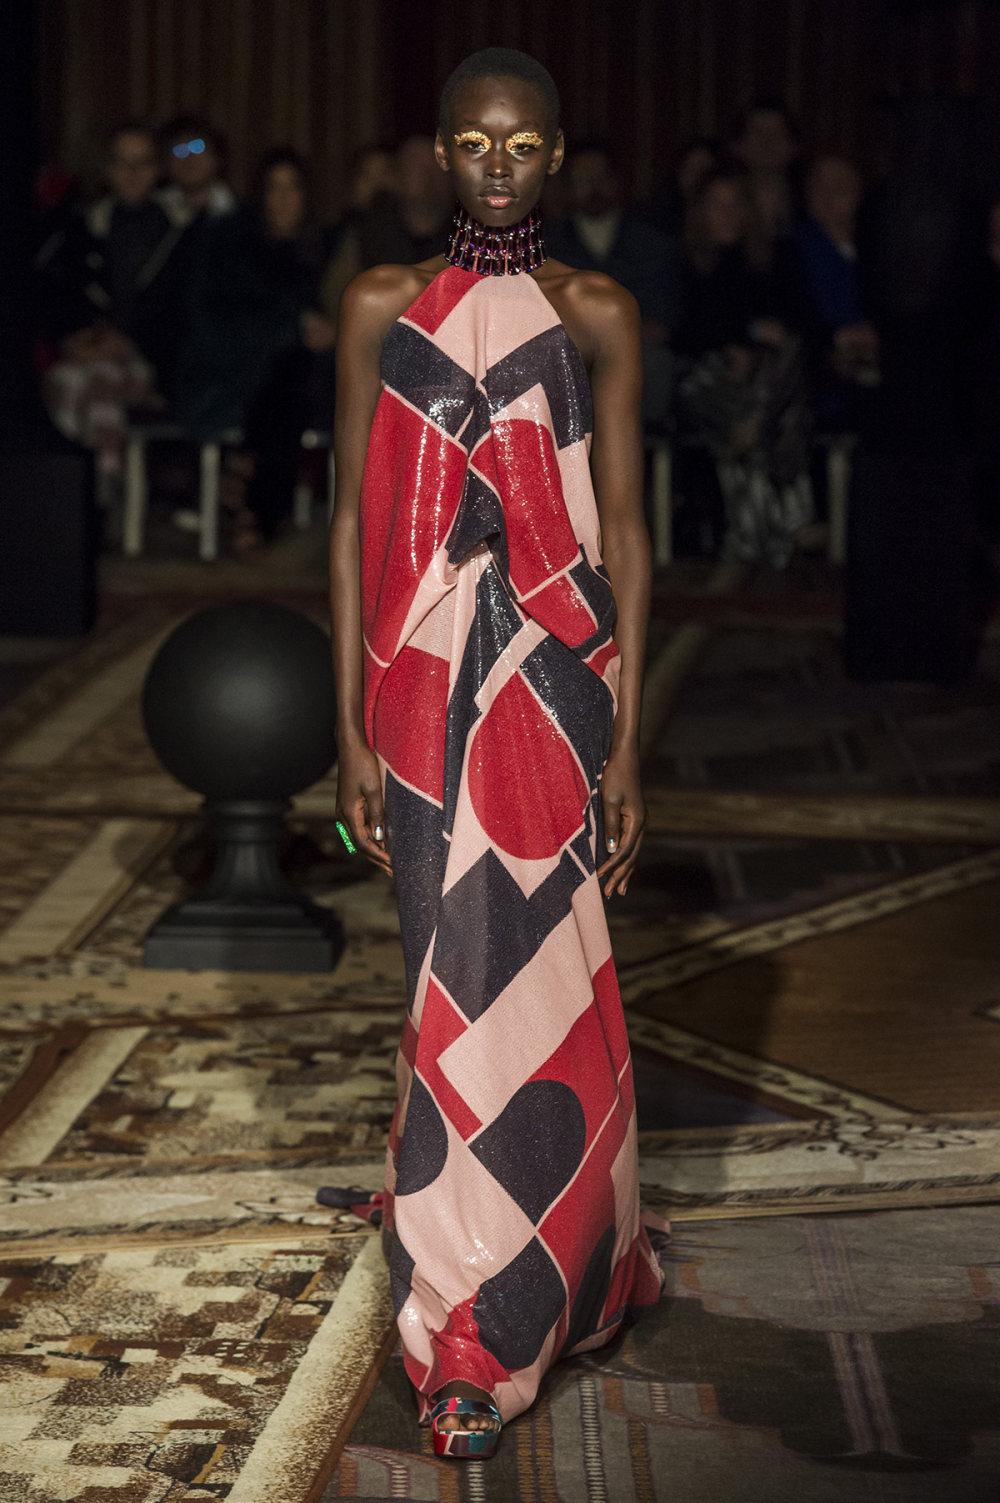 Halpern时装系列将幻想印花应用于宽大的缎面外套展示垂褶技巧-2.jpg